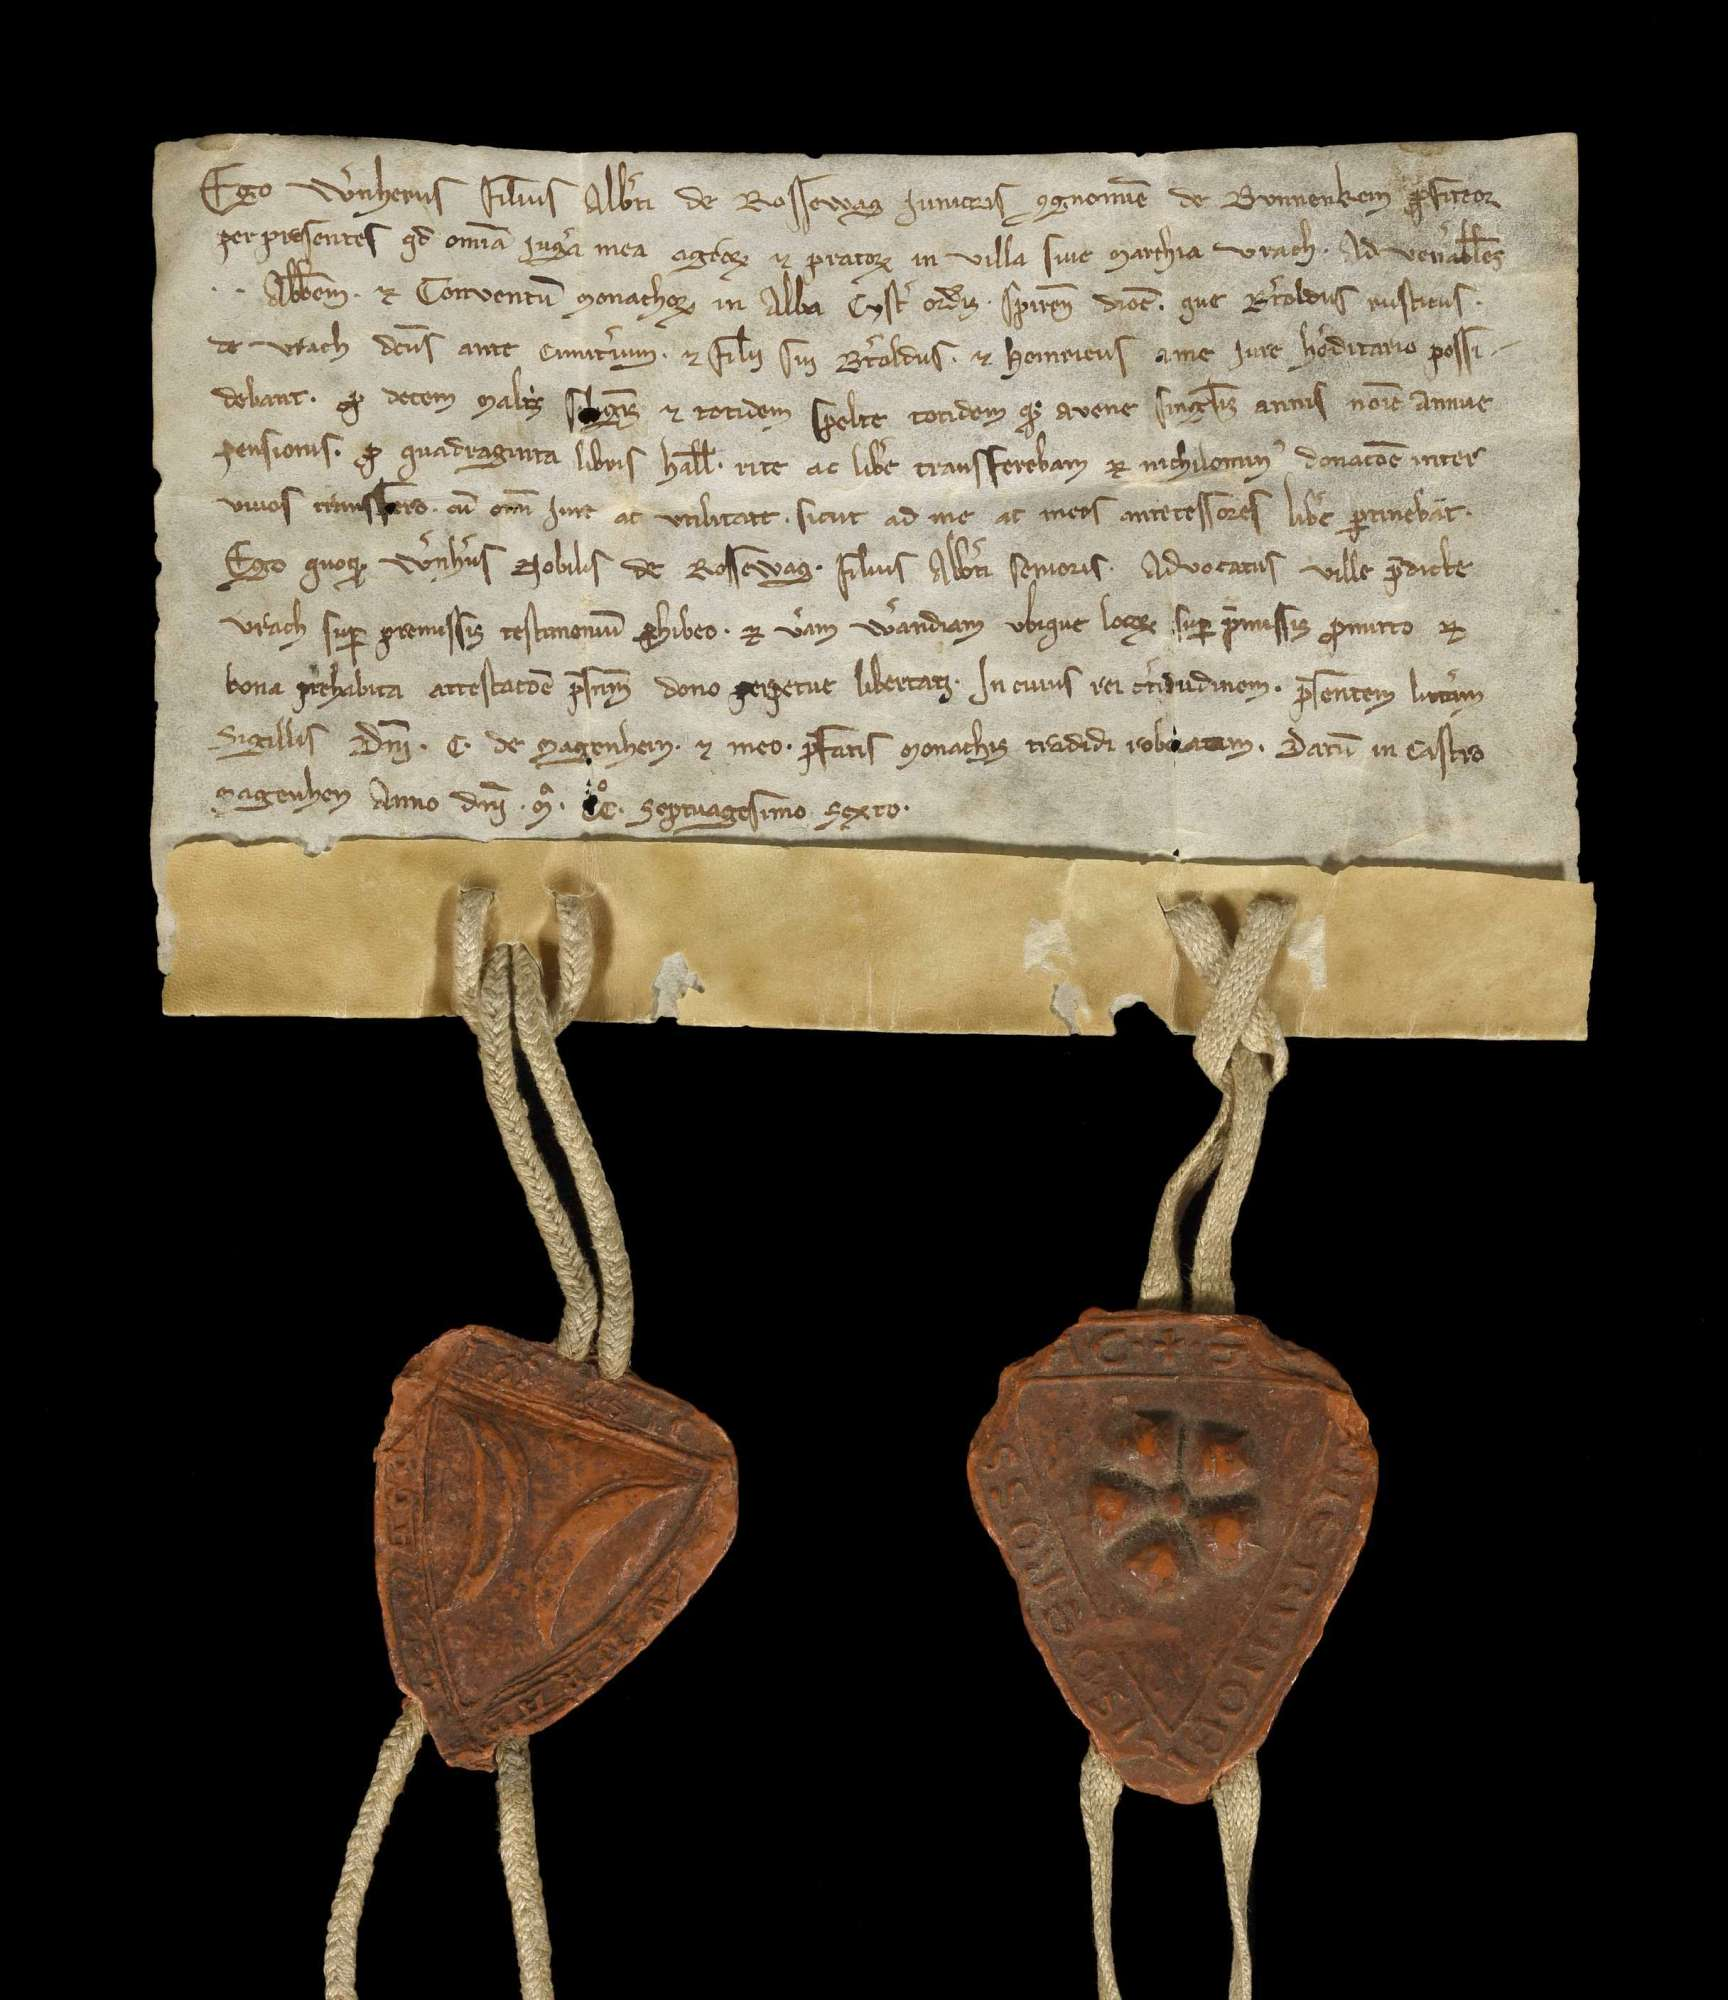 Werner, der Sohn Alberts des Jüngeren von Roßwag, genannt von Bönnigheim, verkauft dem Kloster Herrenalb alle seine Acker und Wiesen in Aurich., r